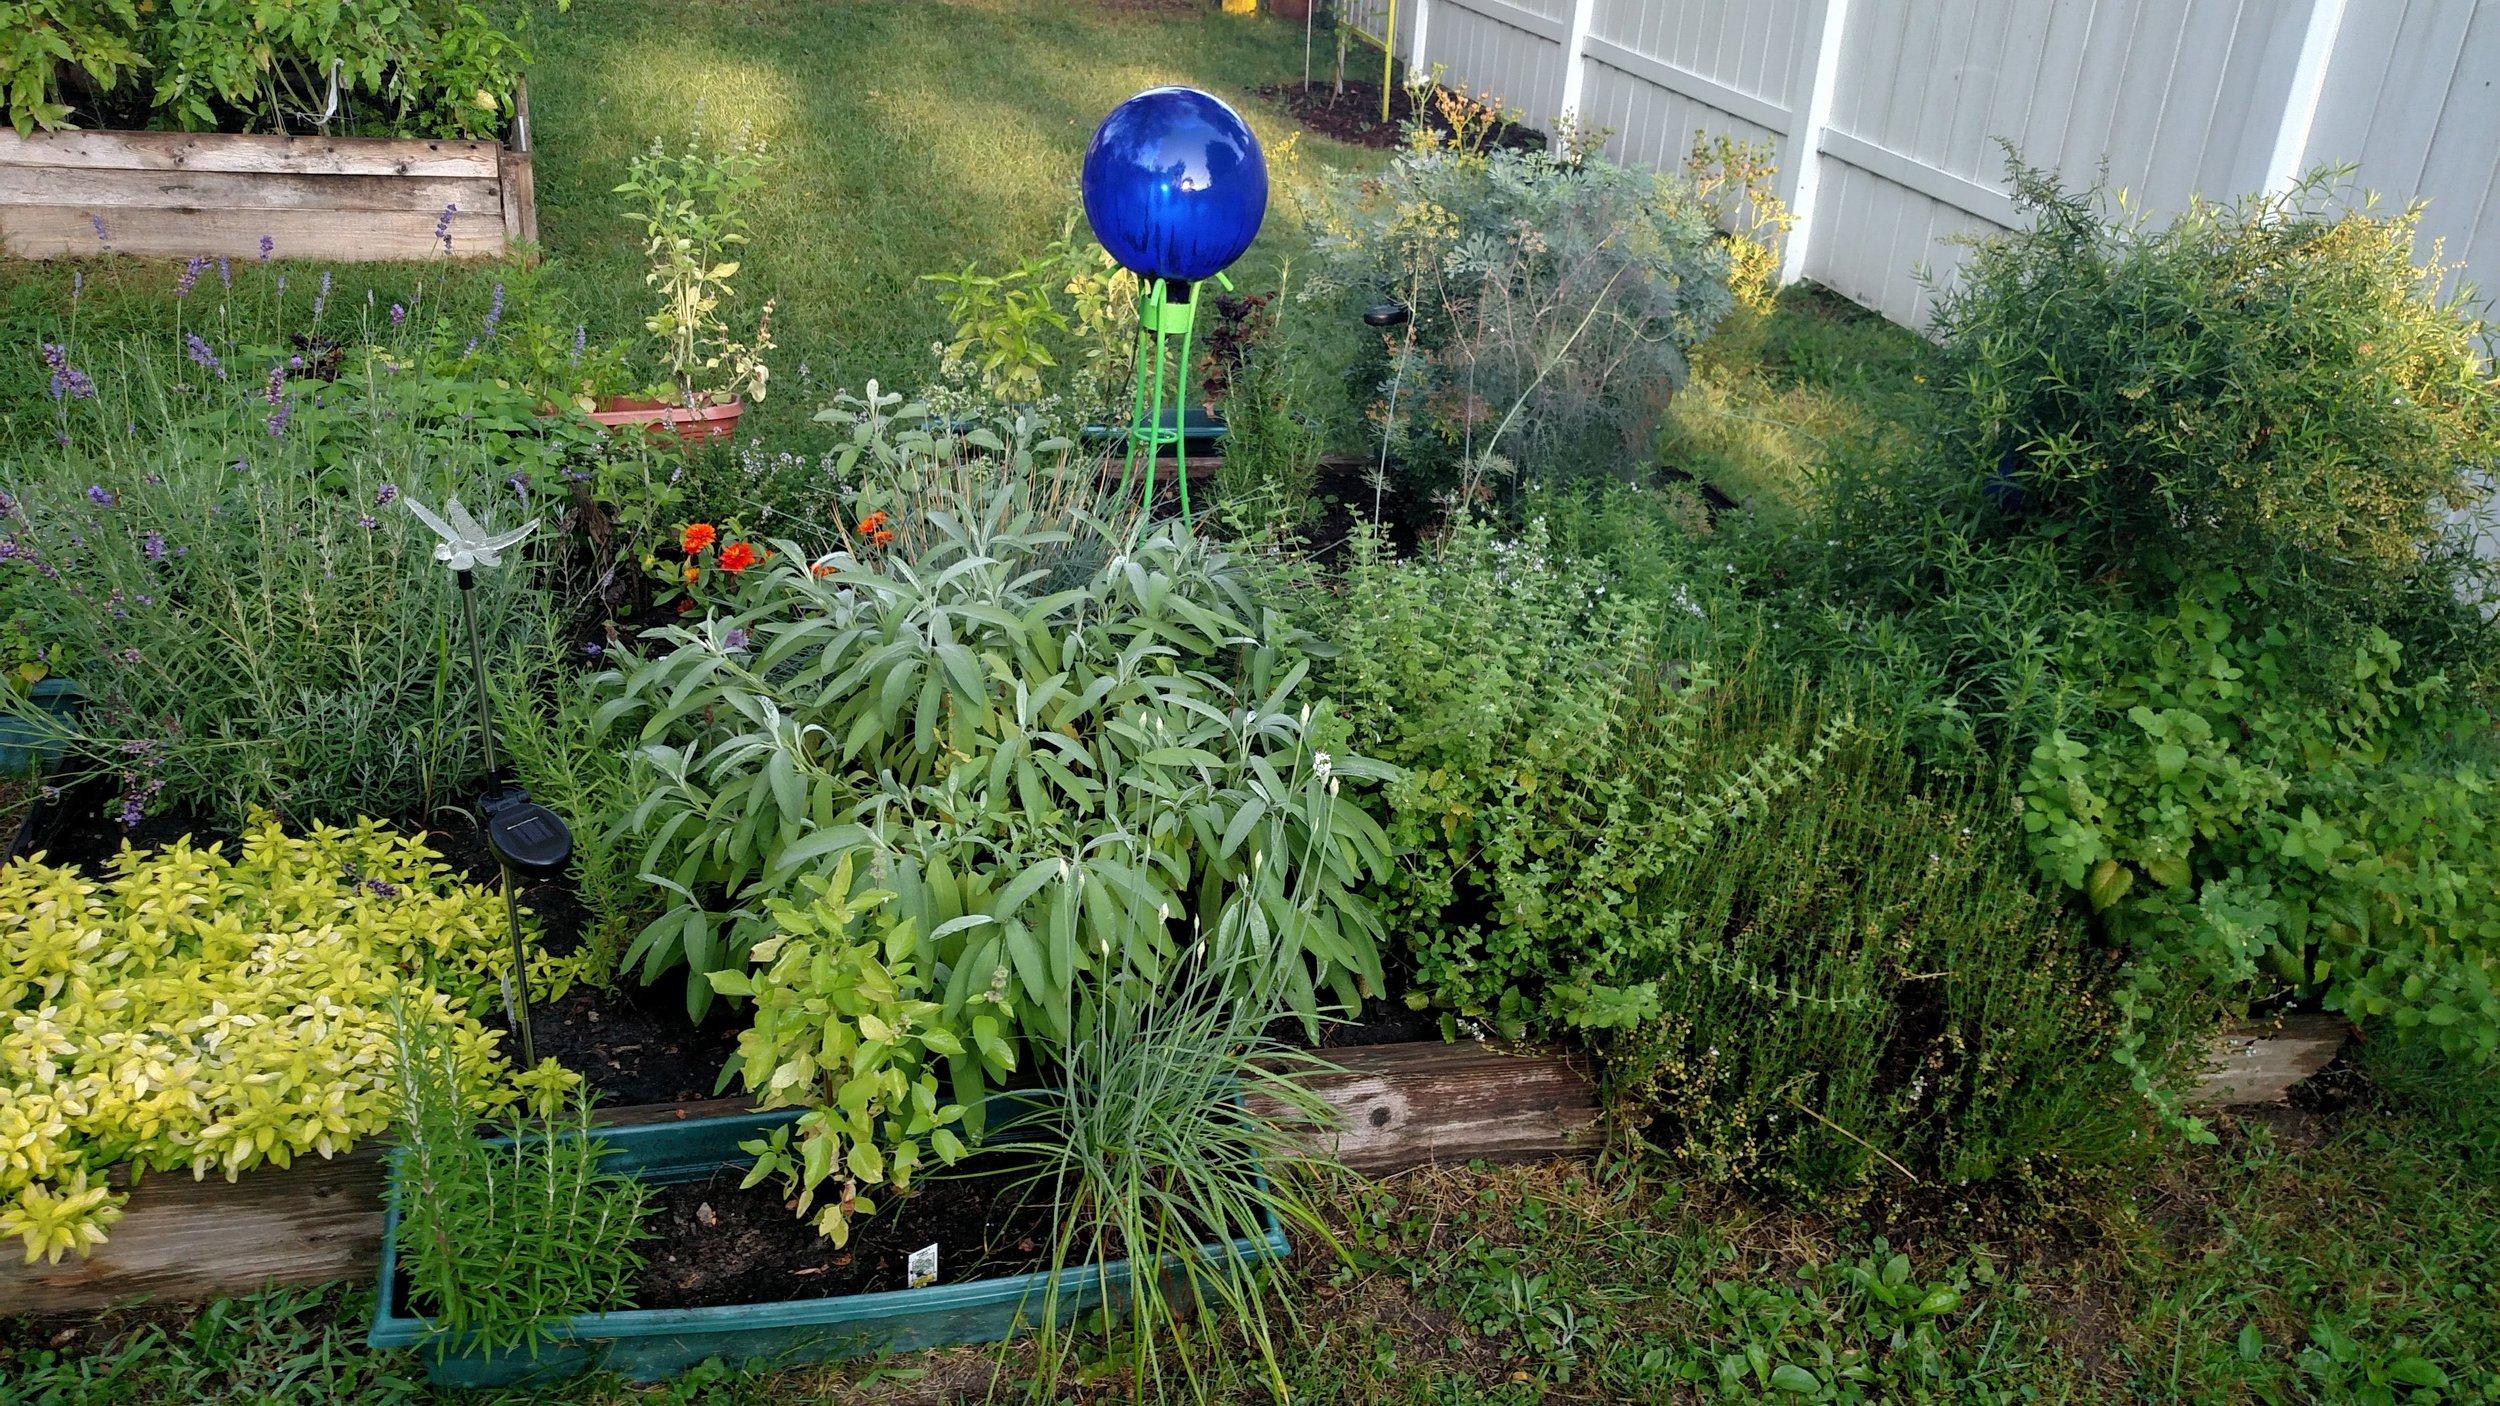 Raleigh herb garden 2017.jpg